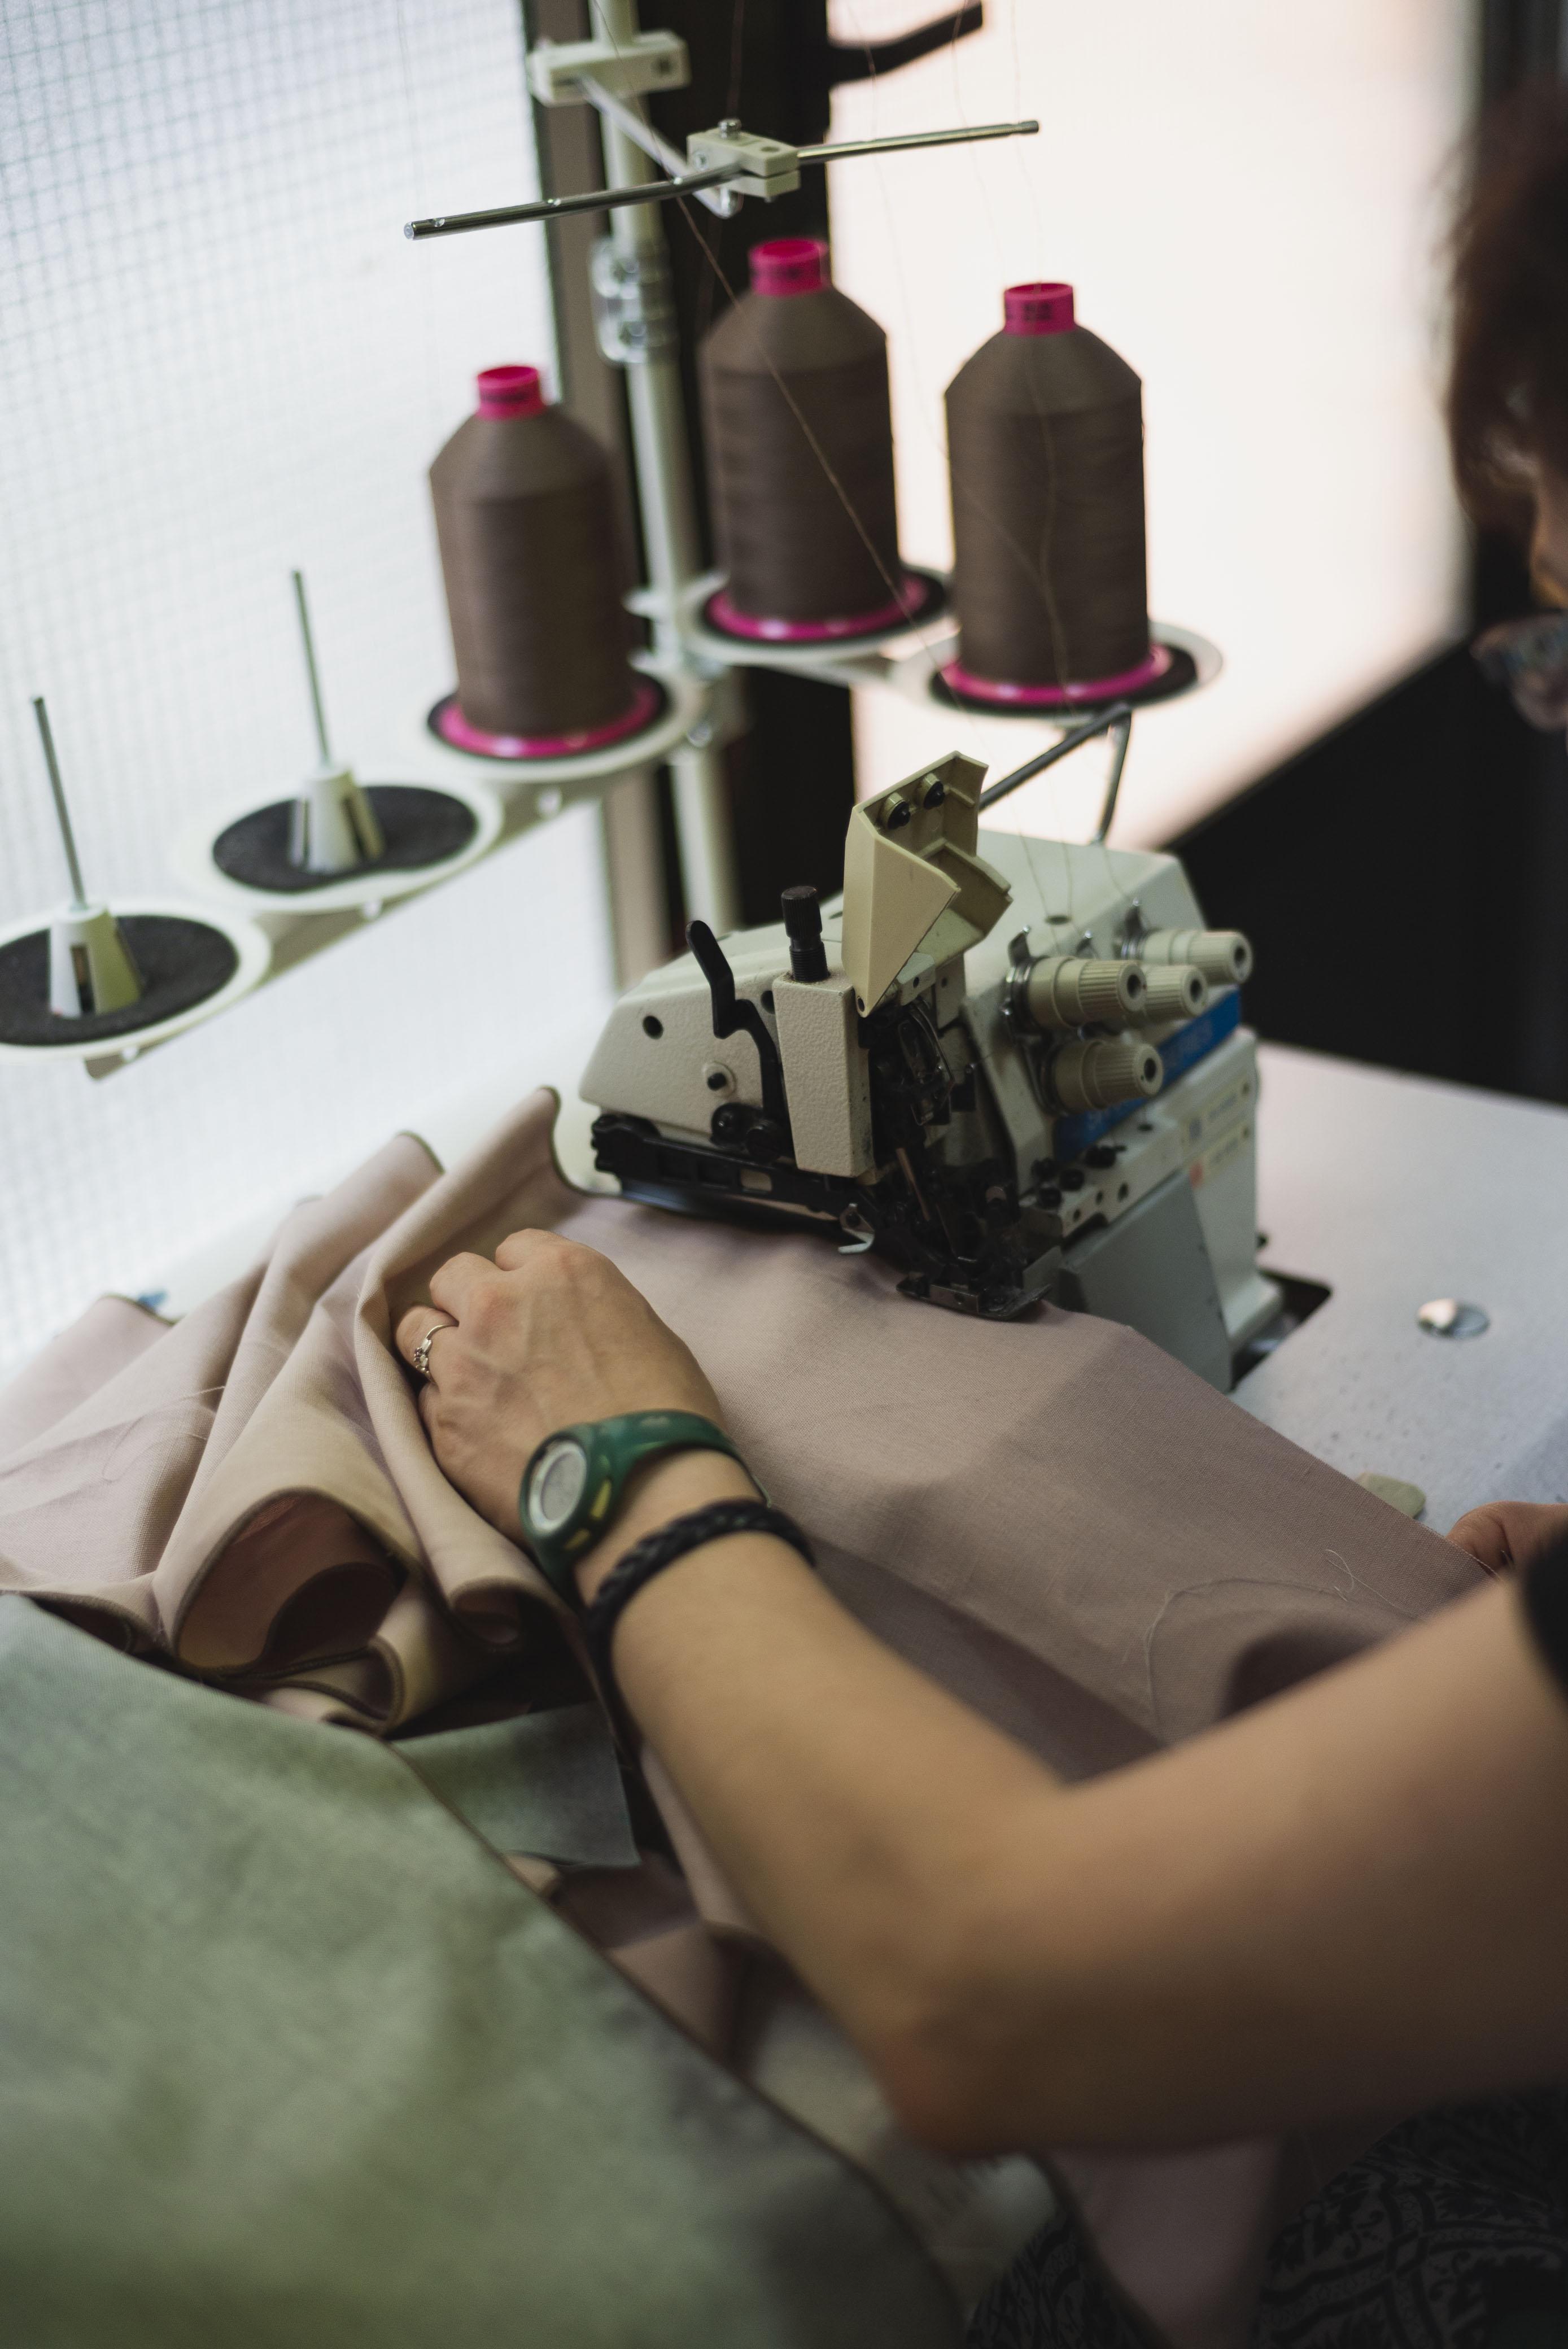 Bolsos y accesorios reciclados hechos a mano en Barcelona